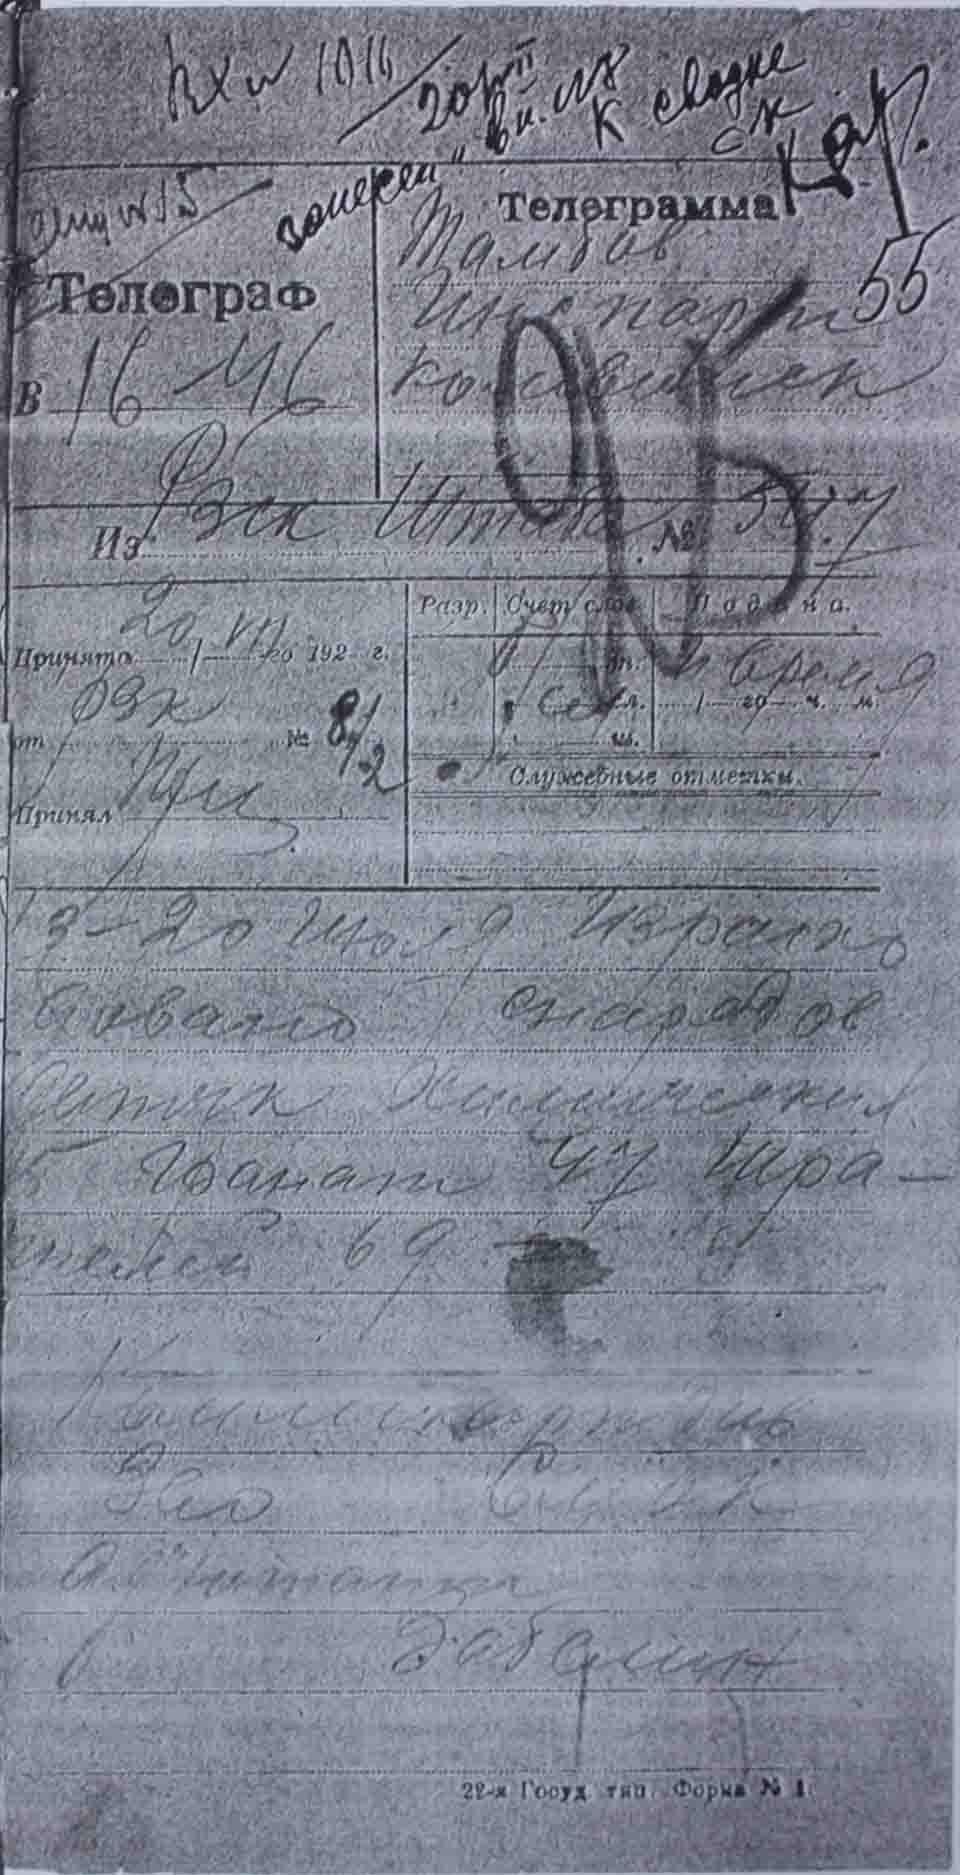 Рис.3. Рапорт начарта-2 Х.К. Смока о расходе боеприпасов артиллерией 2-го боеучастка за период 13-20 июля 1921 г.